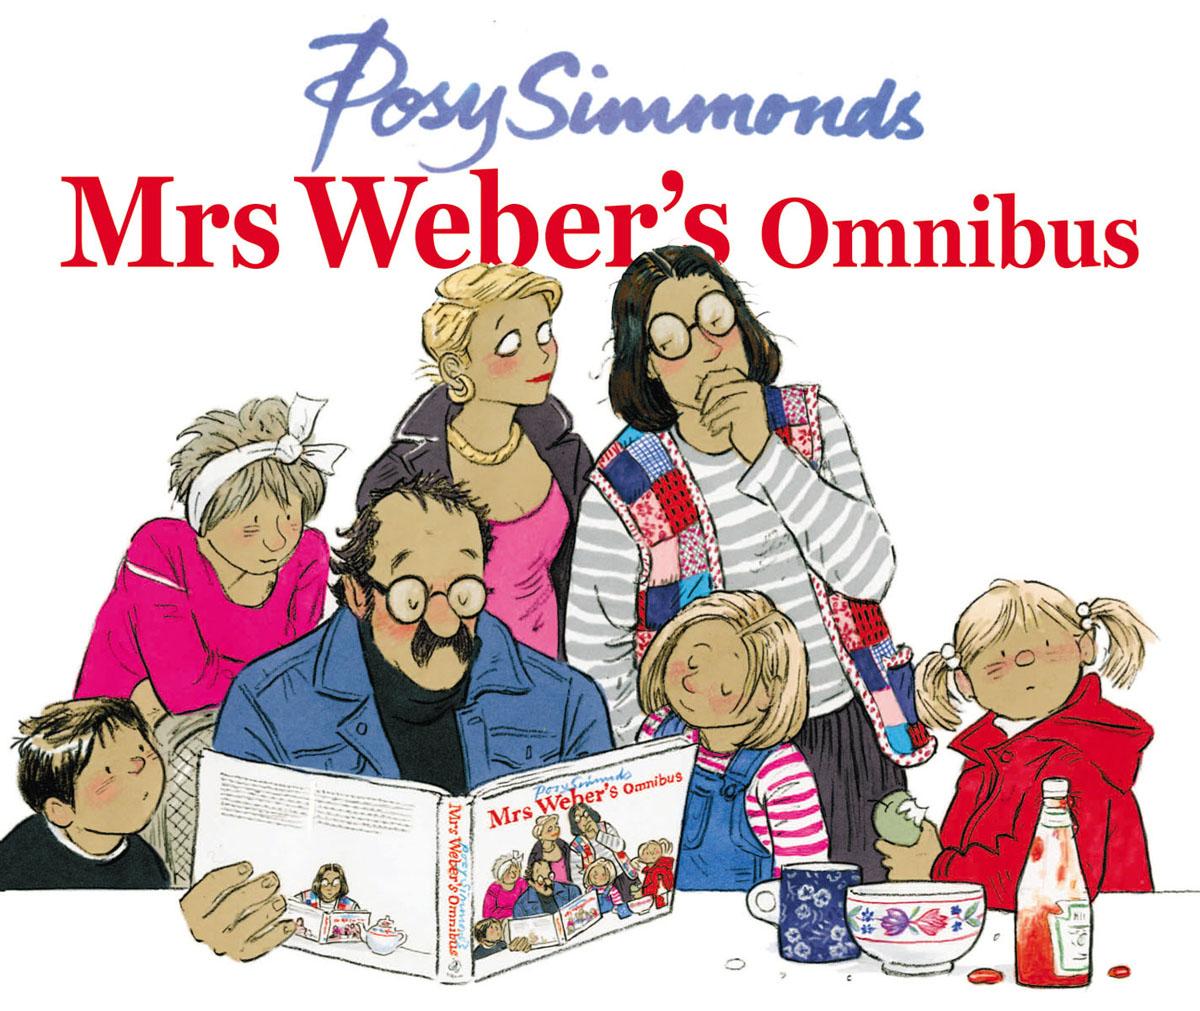 Mrs Weber's Omnibus sociology